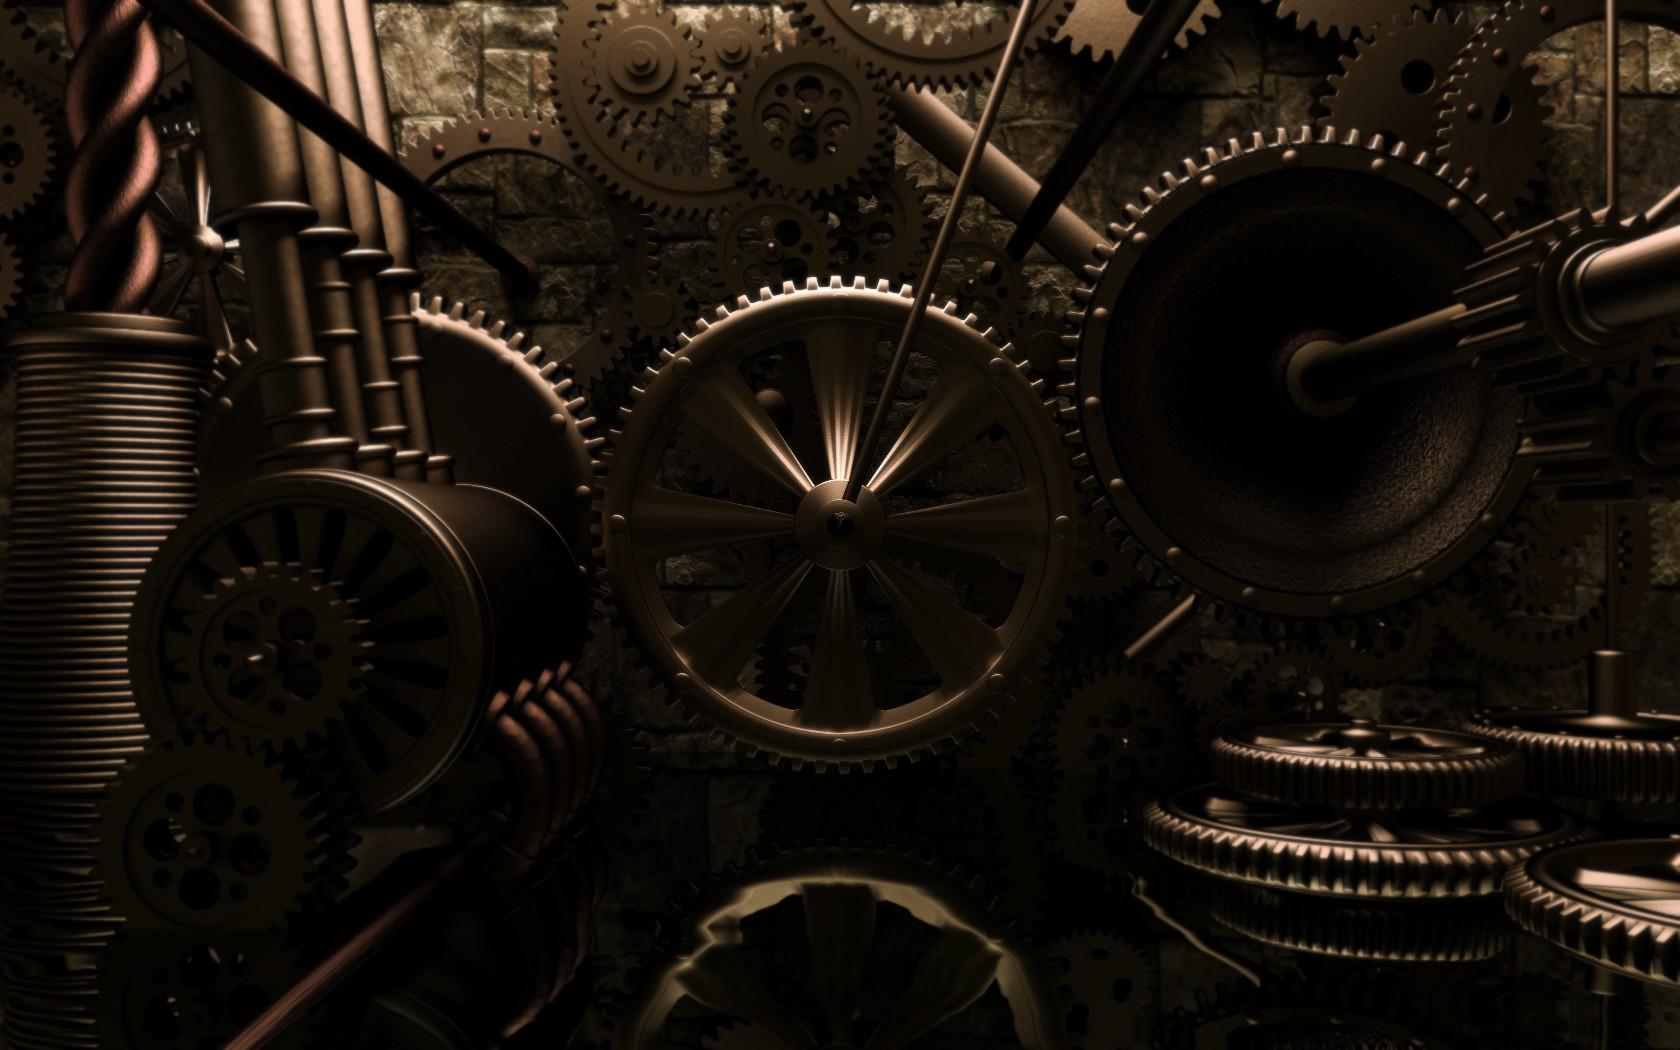 Steampunk mechanical gears f wallpaper 1680x1050 62239 1680x1050